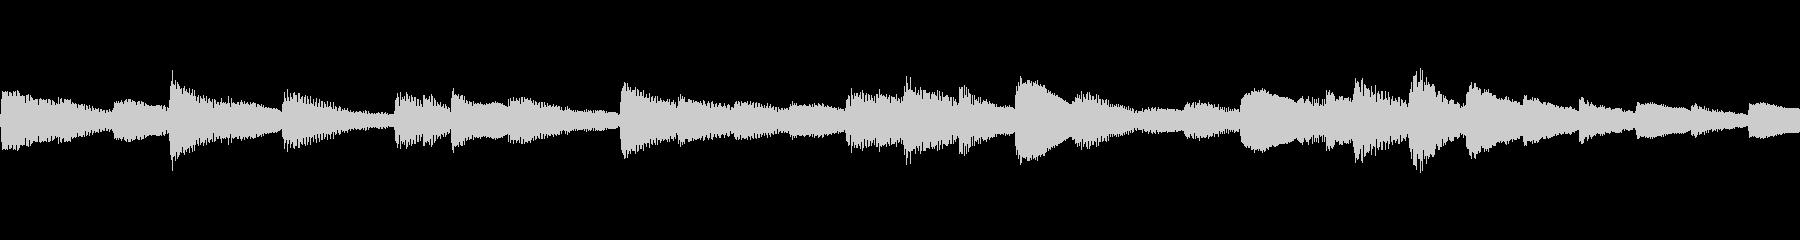 爽やかで少し切ないピアノBGMの未再生の波形